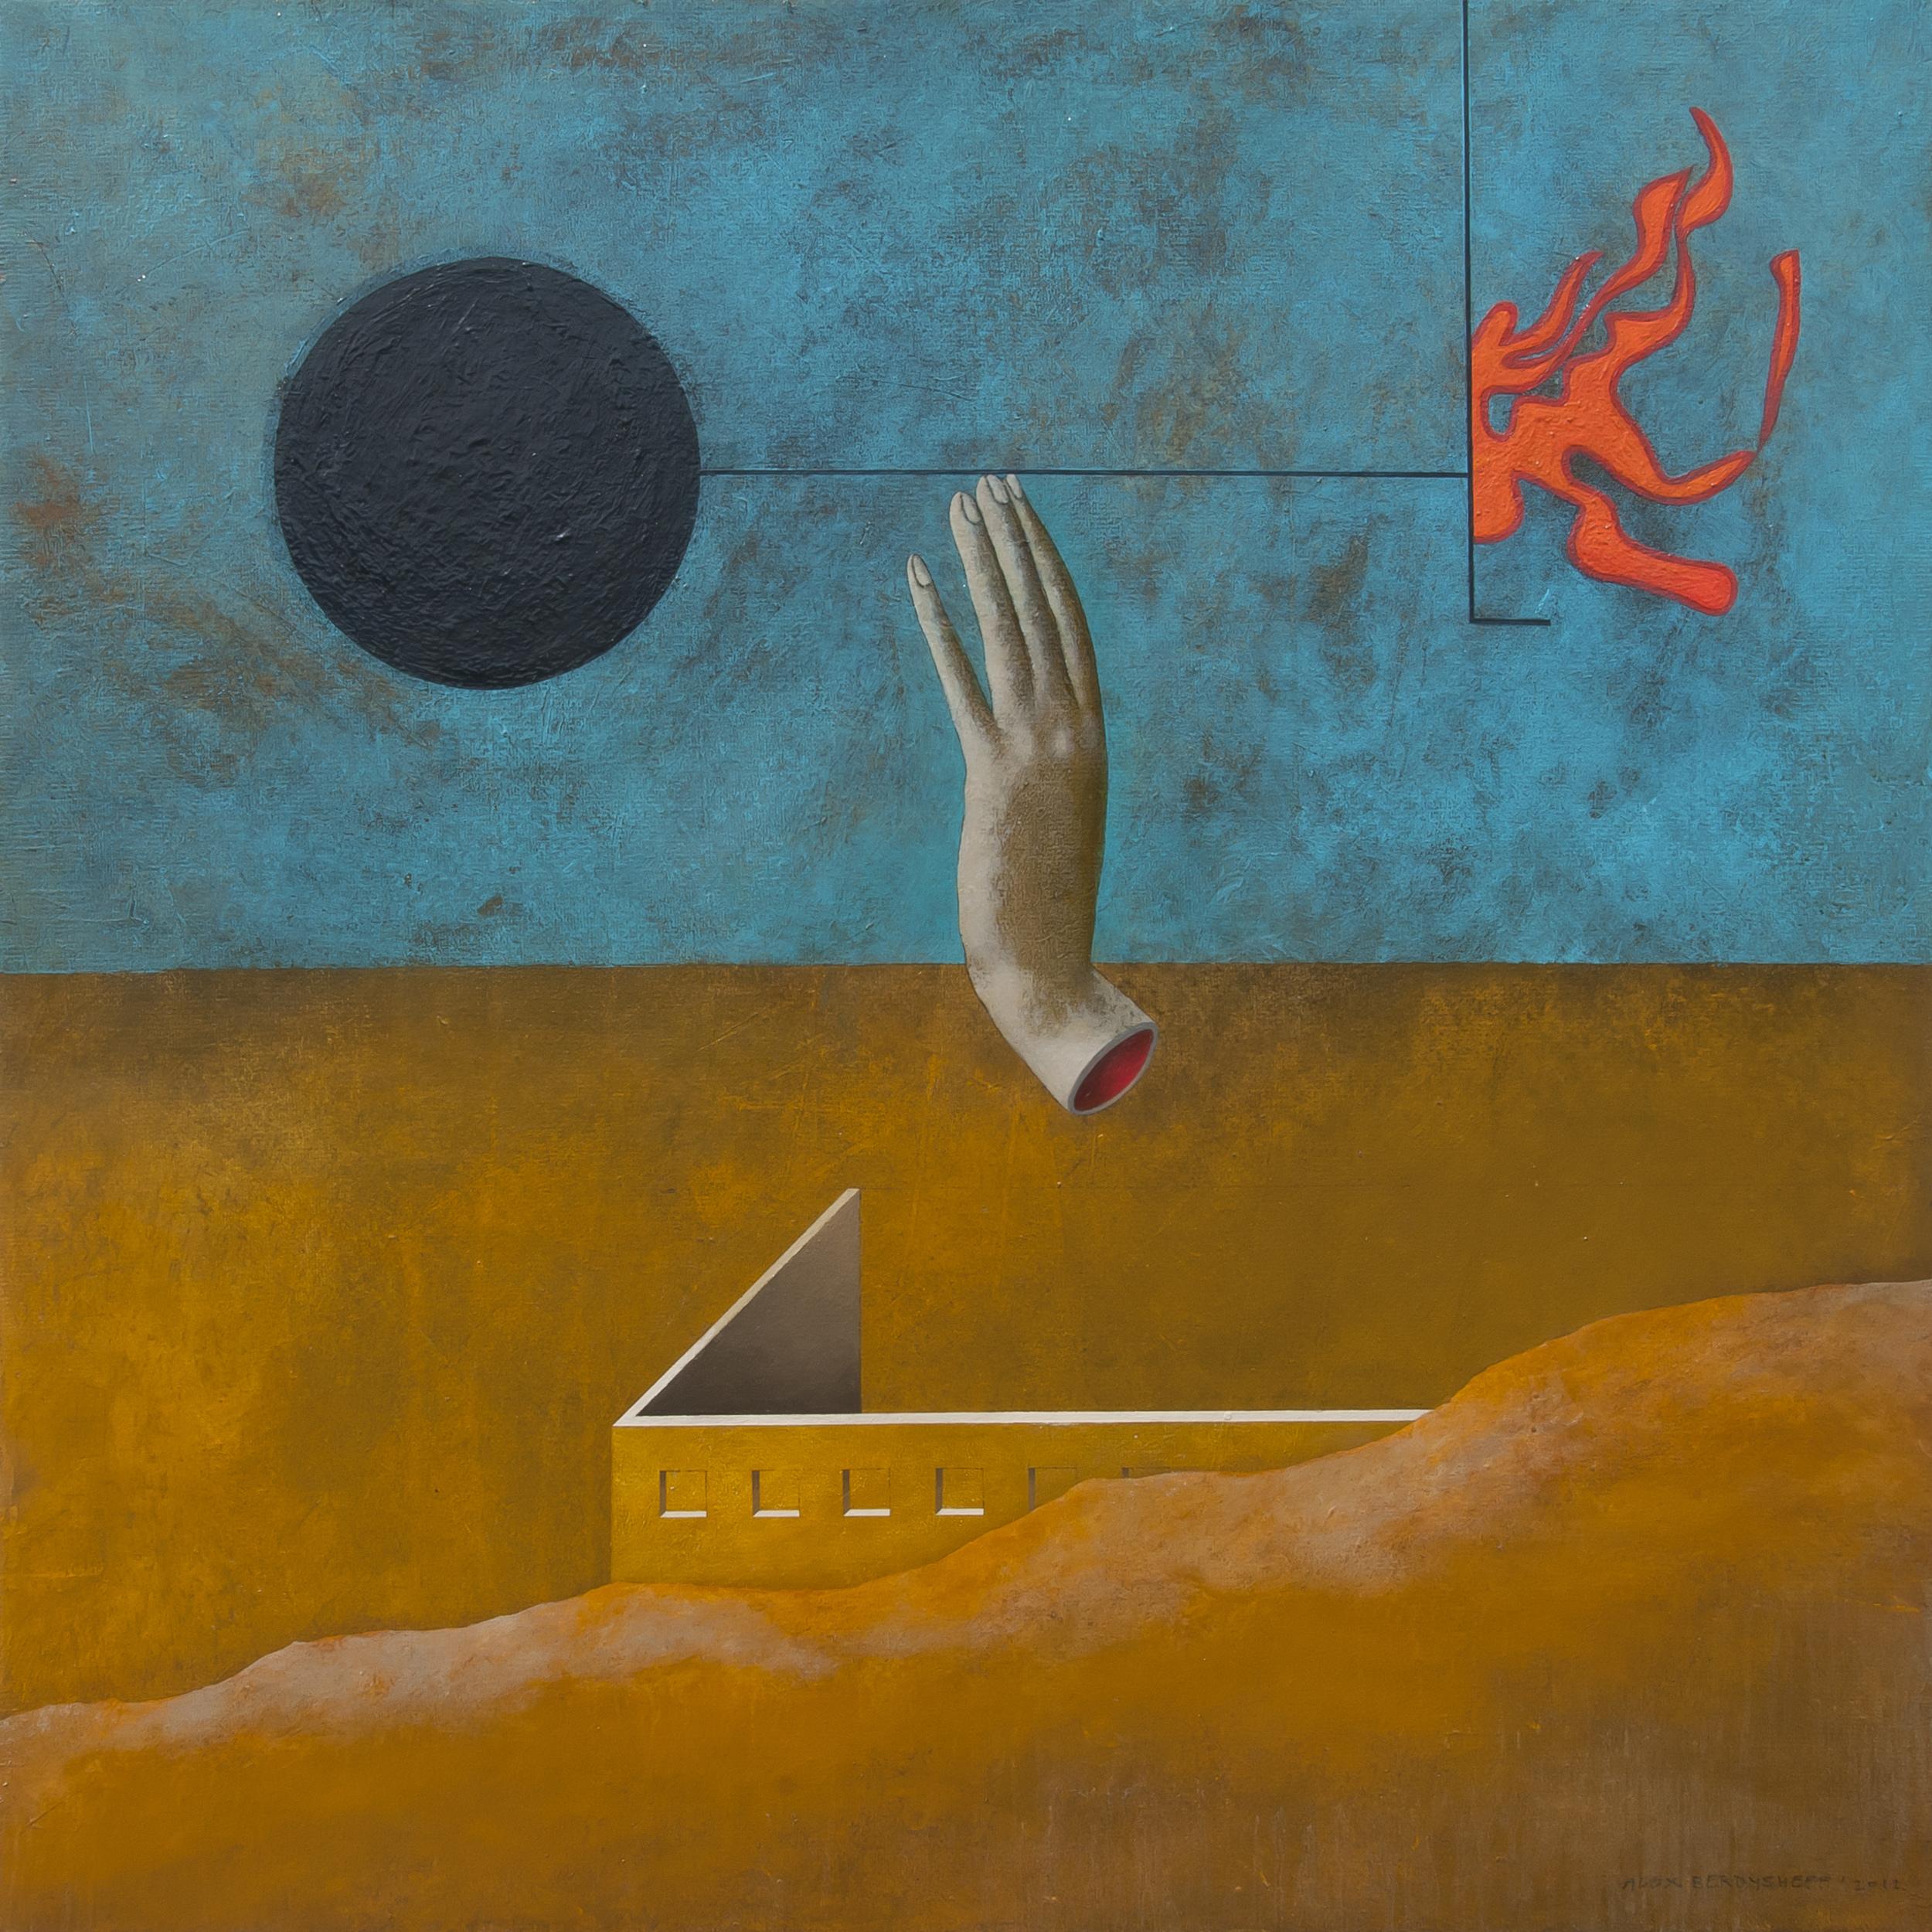 Choice Point, oil on canvas, 85x85 cm, 2012